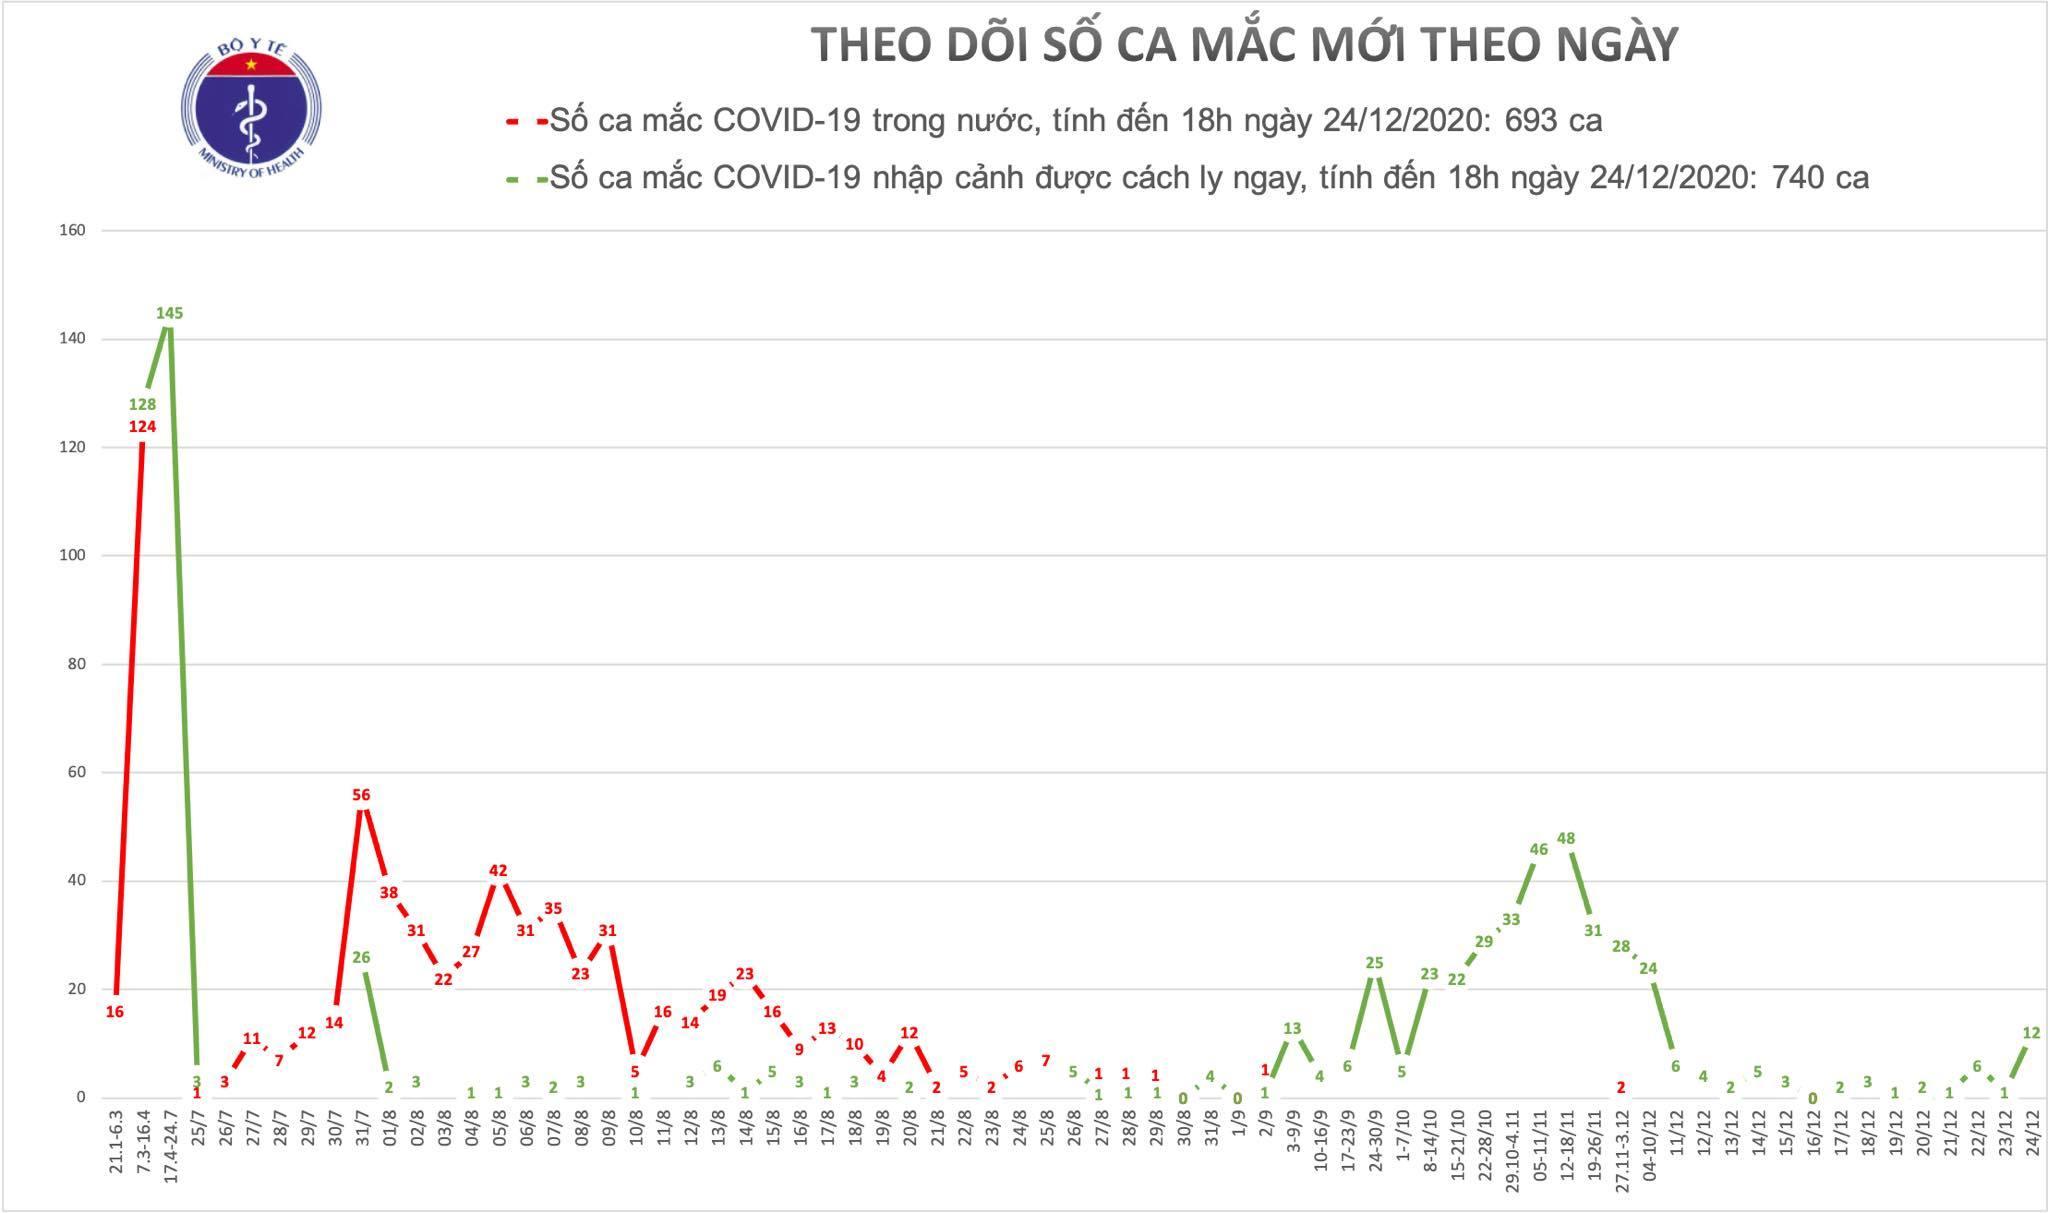 Thêm 12 người mắc Covid-19, Việt Nam có tổng 1.433 ca